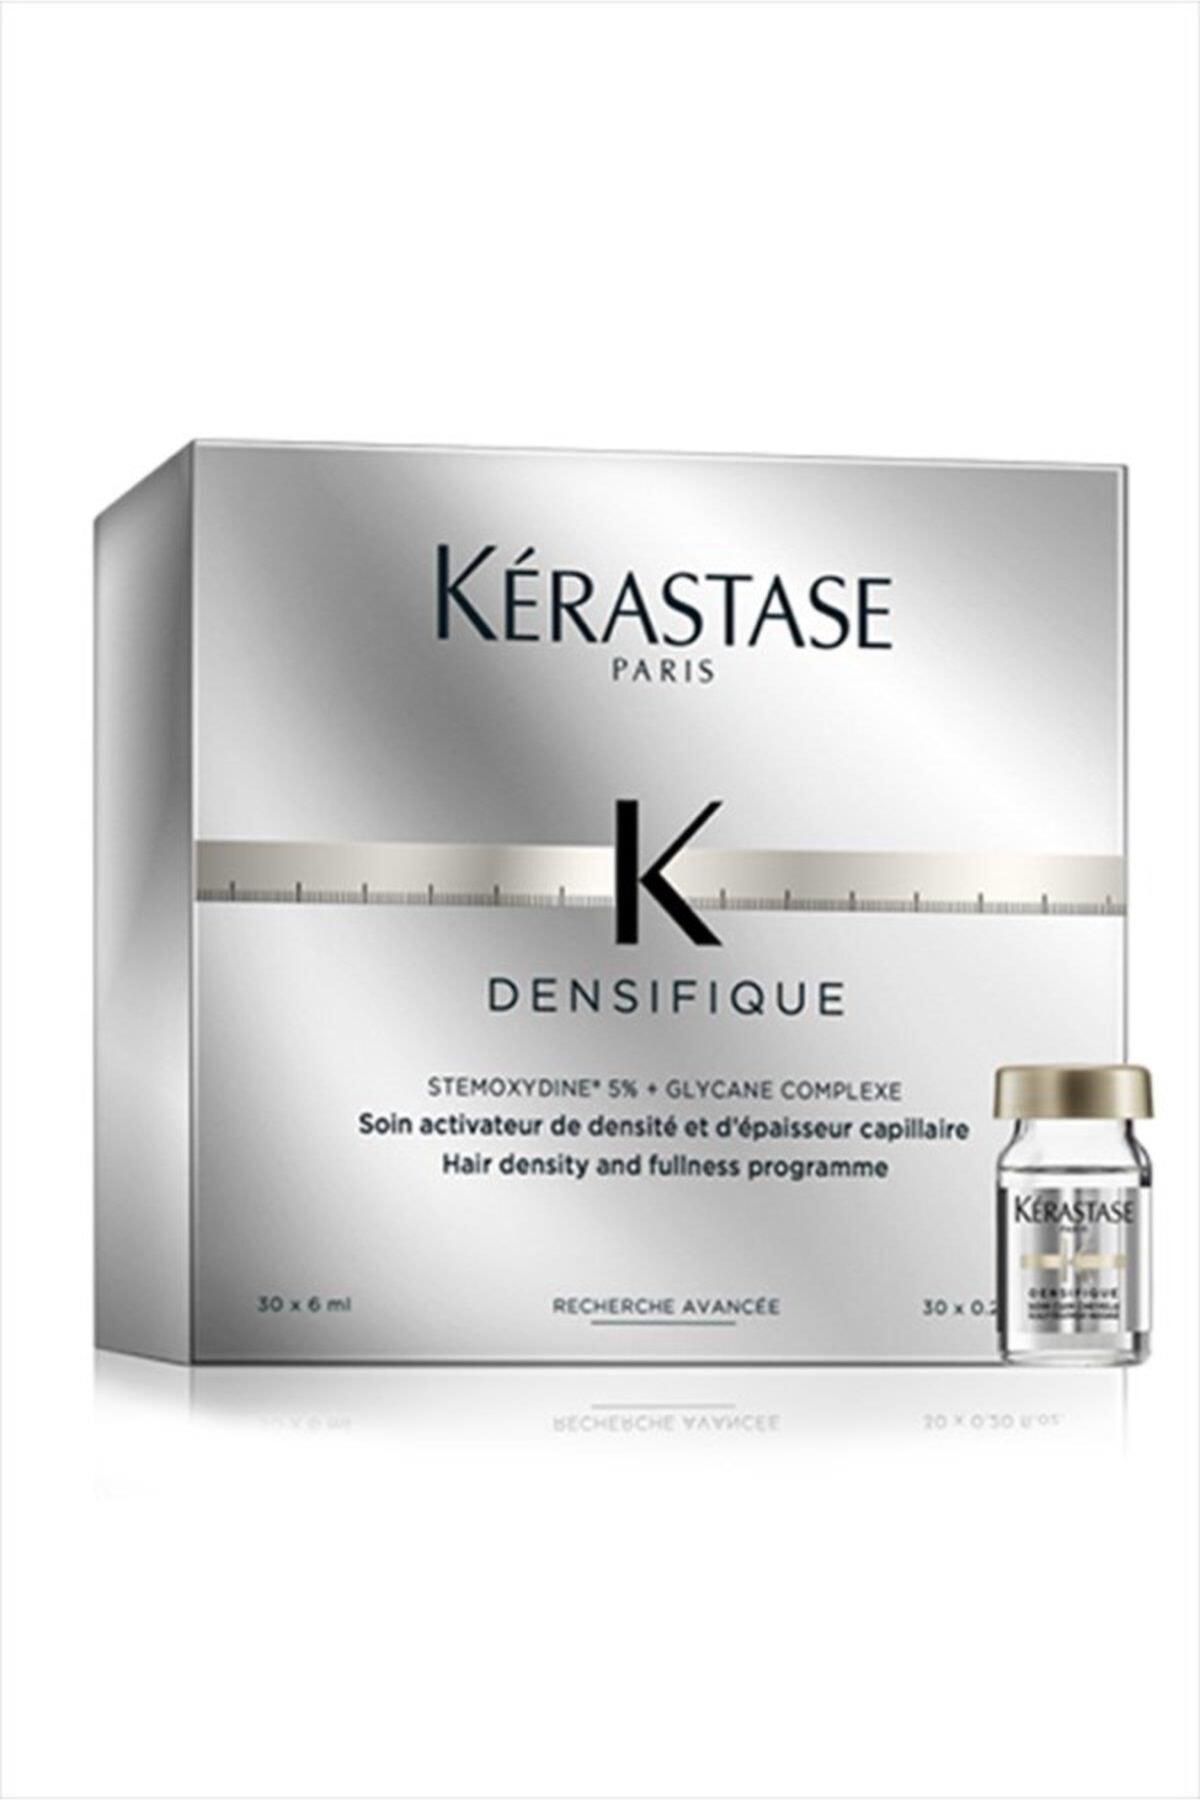 Kerastase Densifique Yoğunlaştırıcı Aktivatör Serum 30x6ml (unisex Kür) 1